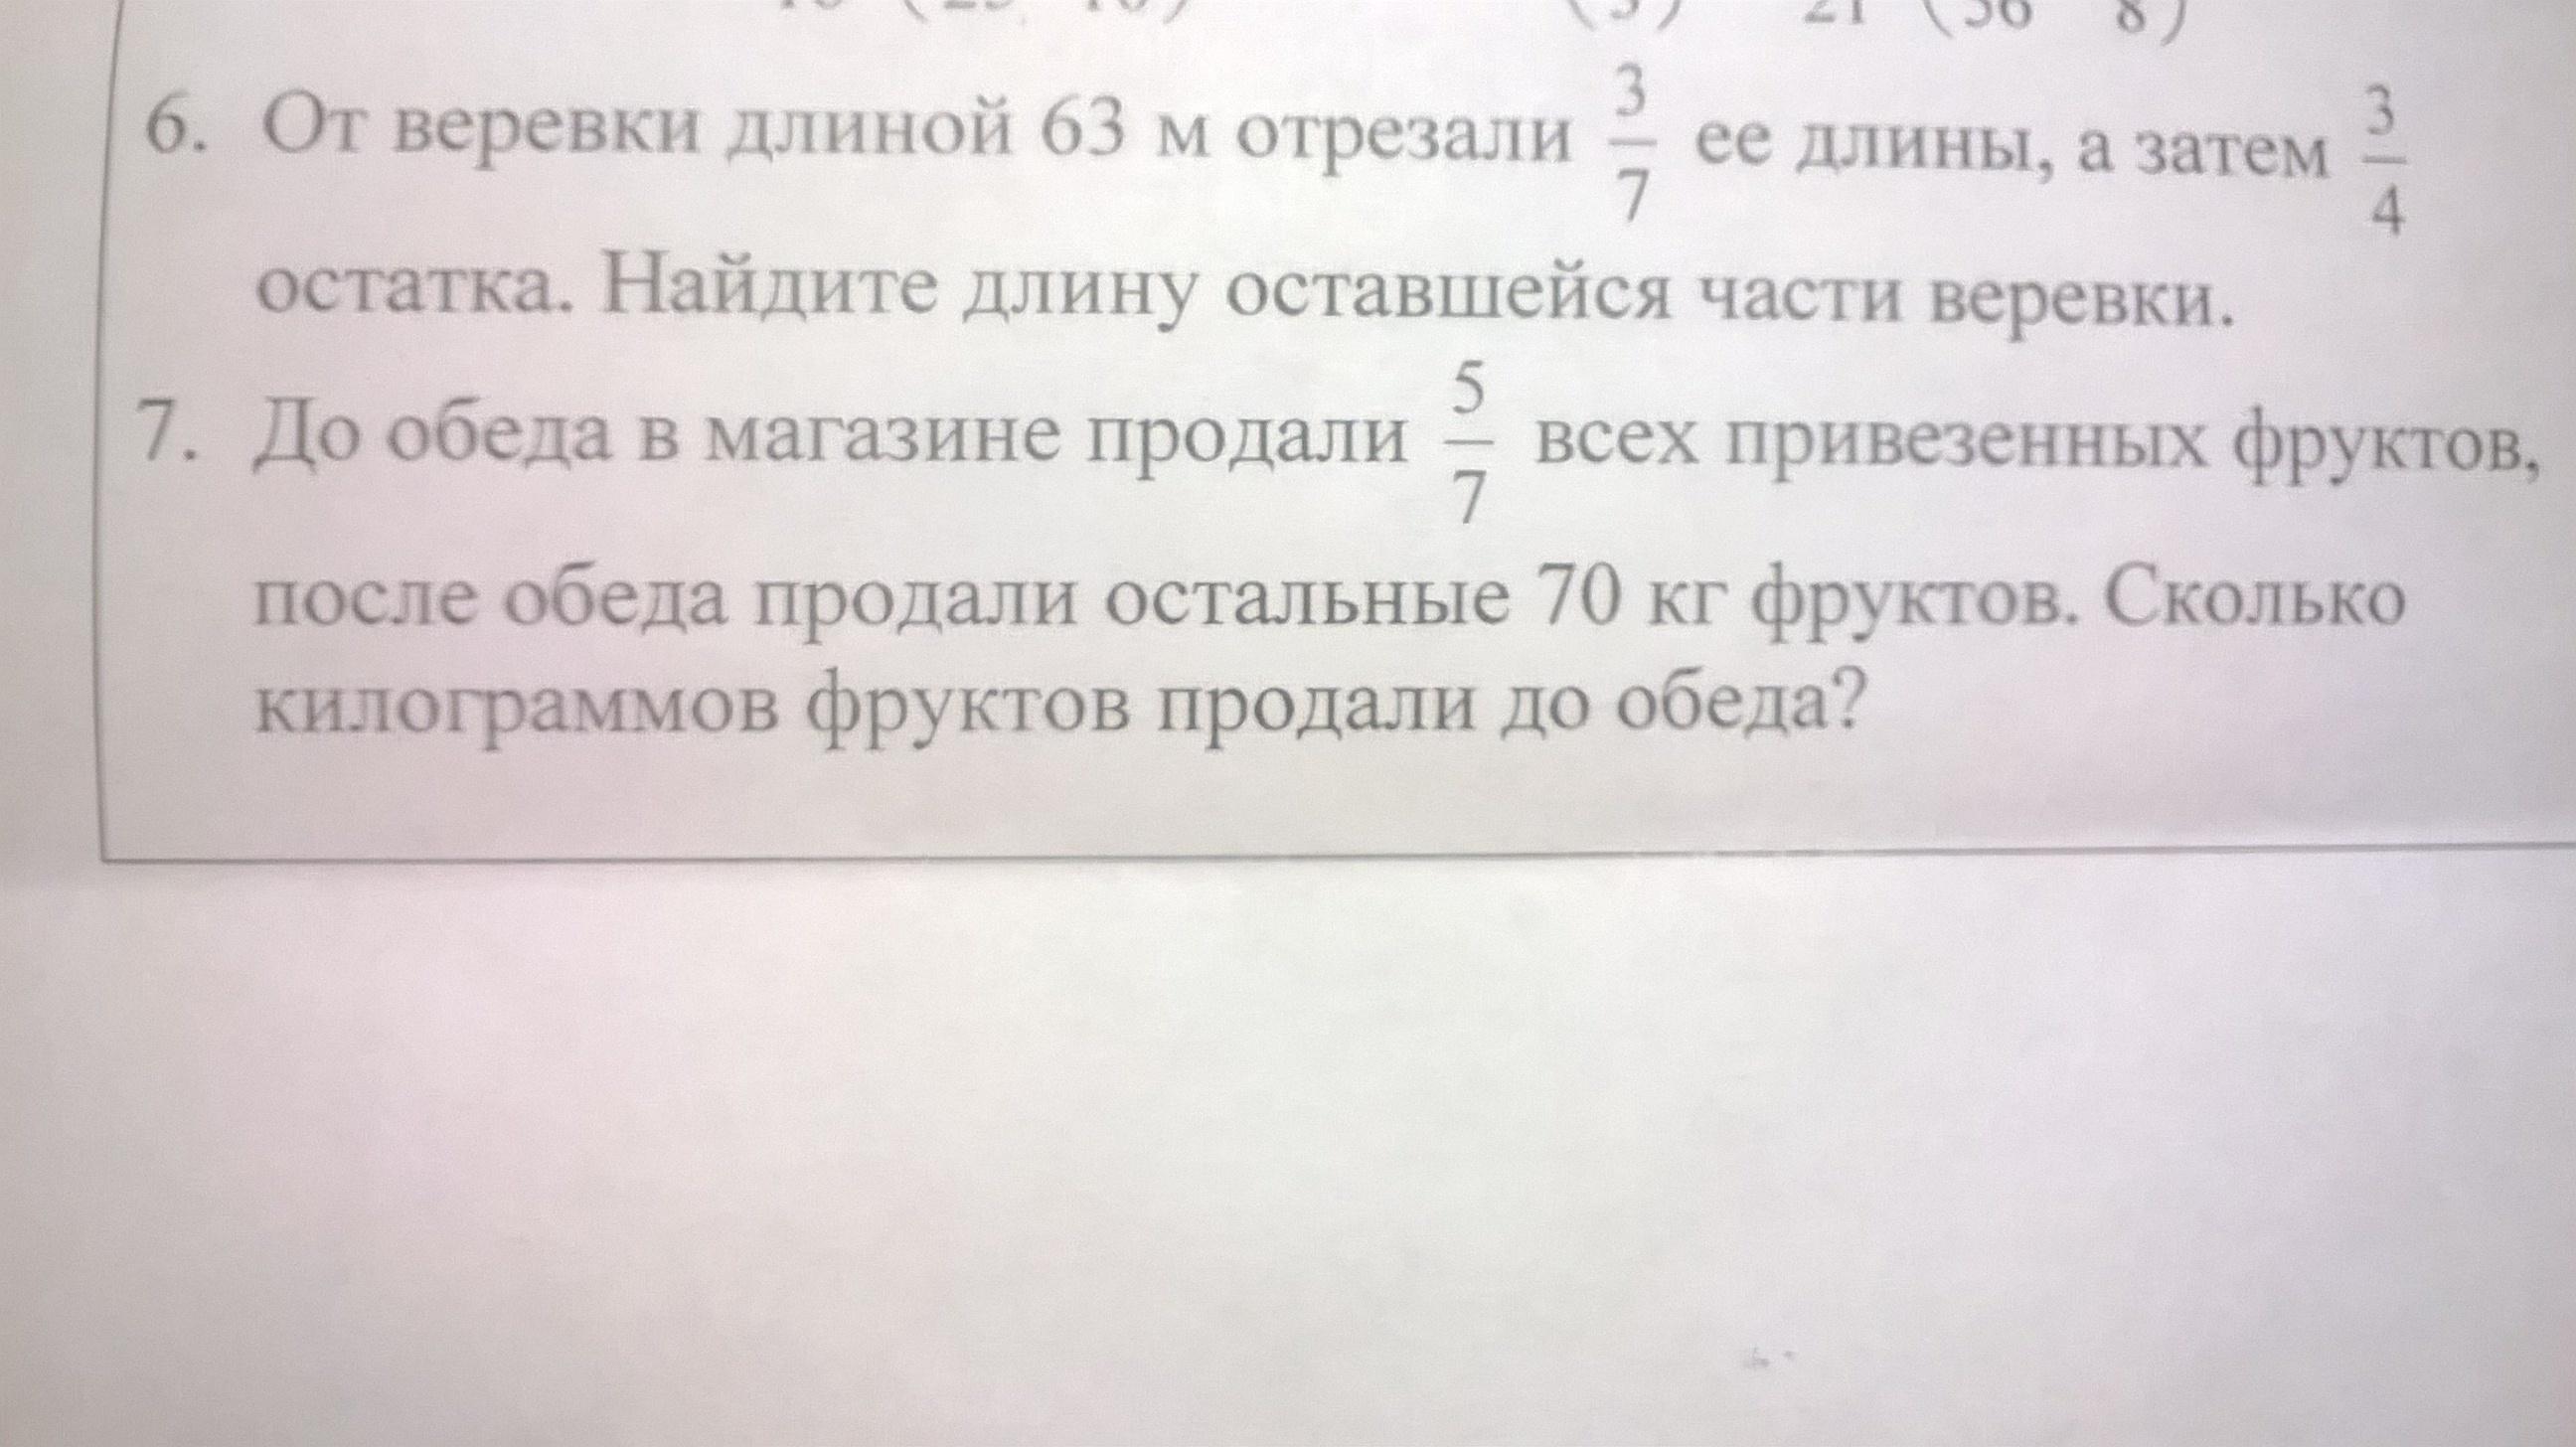 Срочно!!! Помогите!!!!! Решить задачи номер 6,7.!!! 20баллов!!!